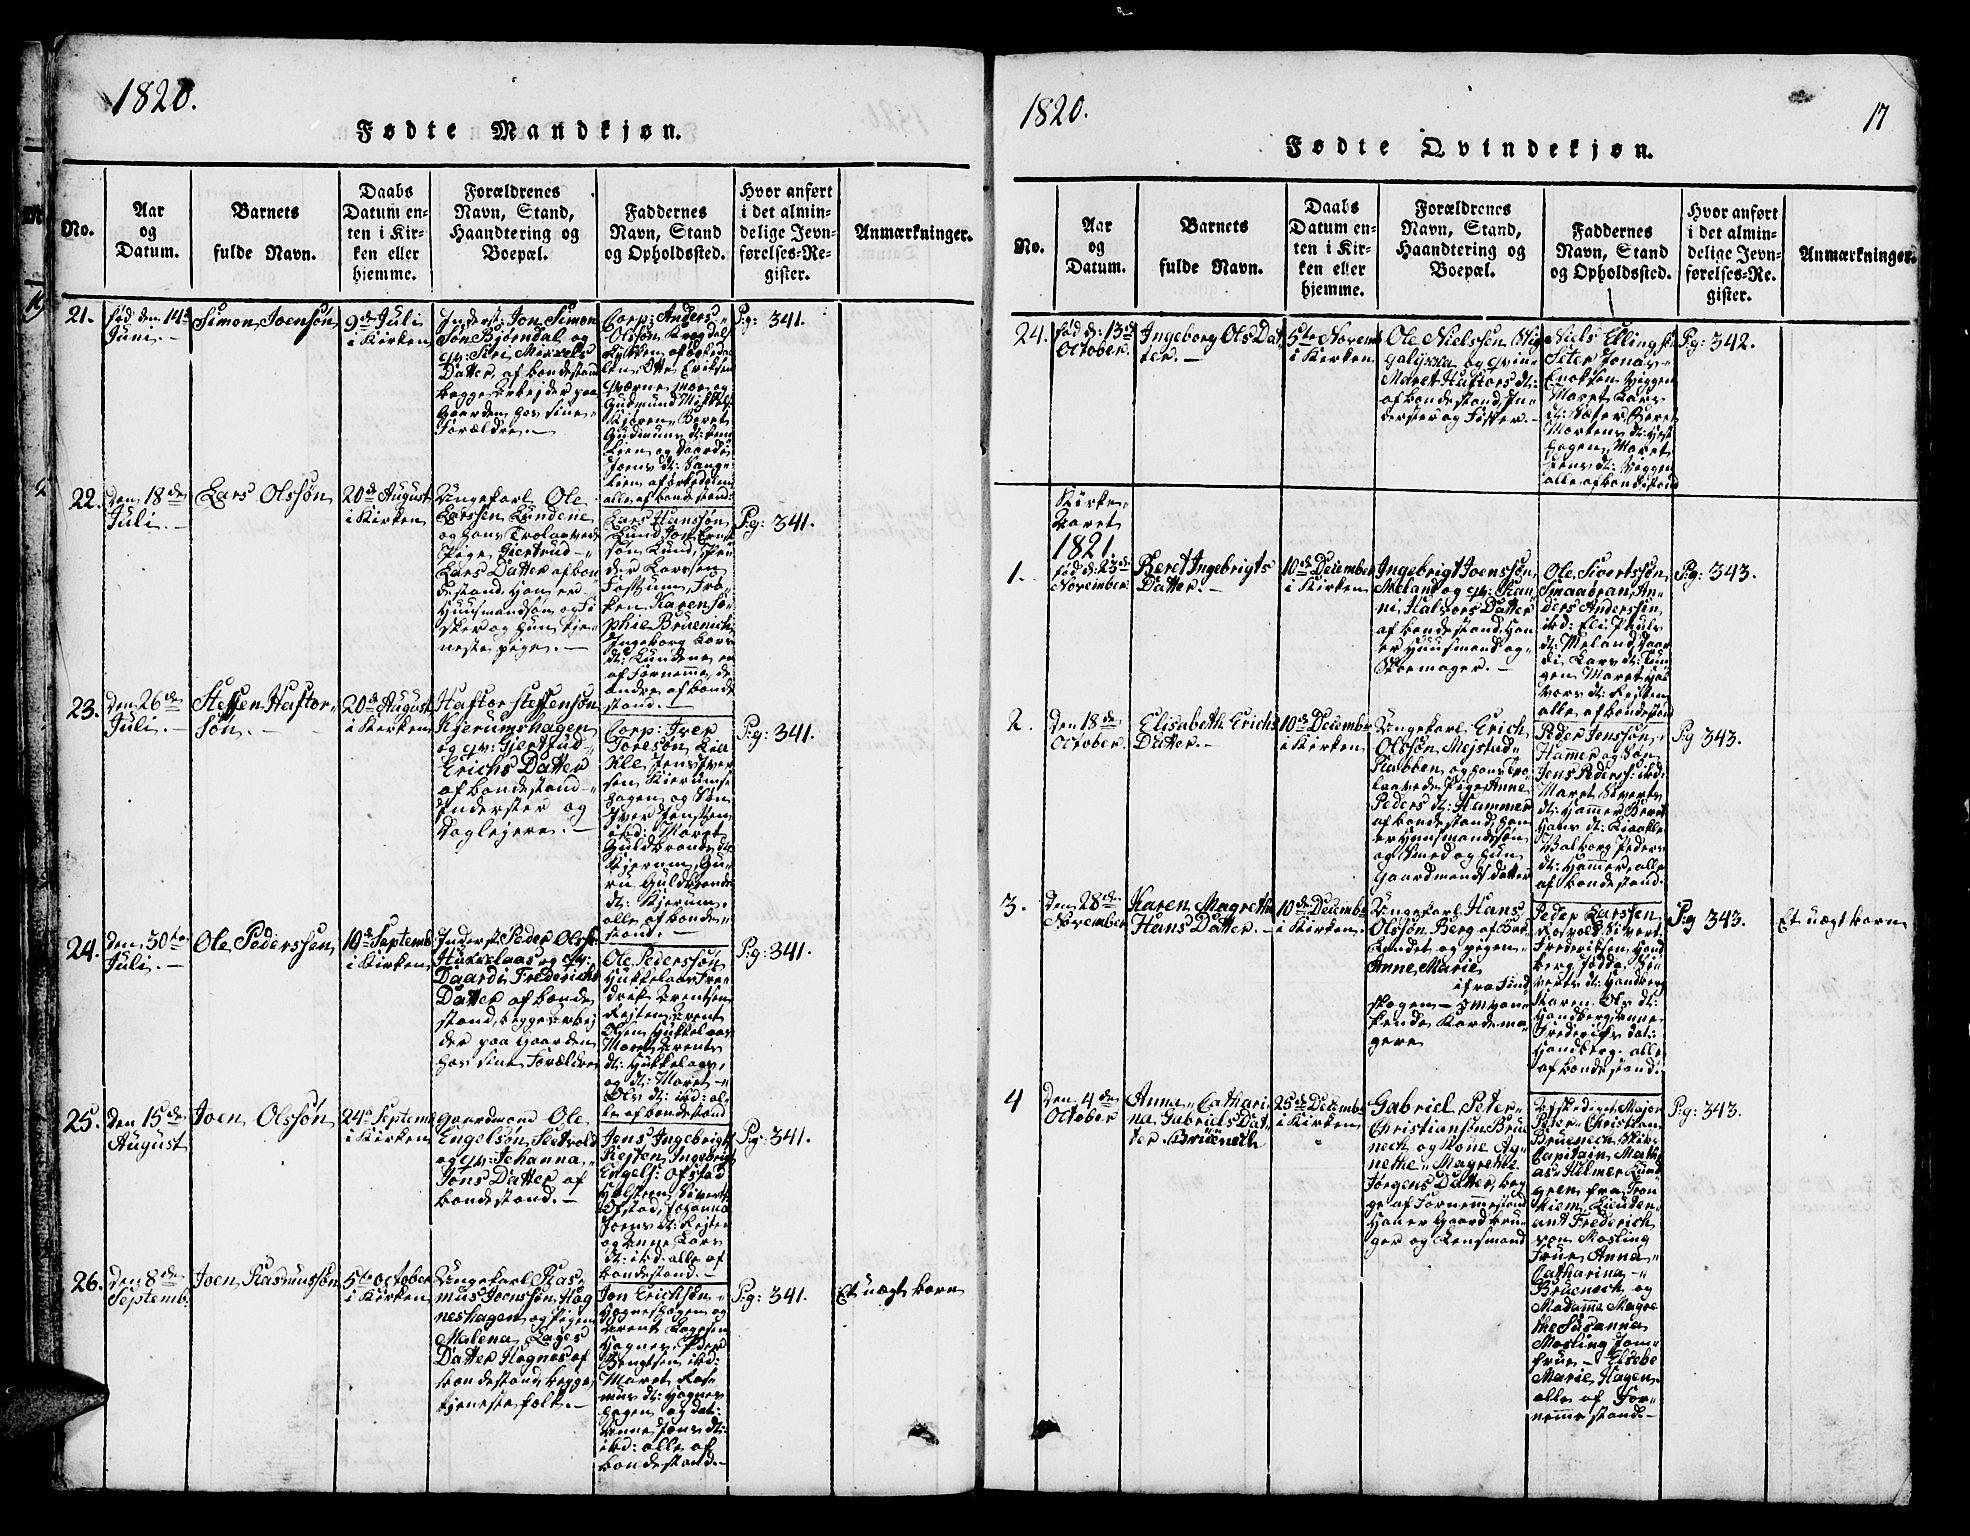 SAT, Ministerialprotokoller, klokkerbøker og fødselsregistre - Sør-Trøndelag, 665/L0776: Klokkerbok nr. 665C01, 1817-1837, s. 17